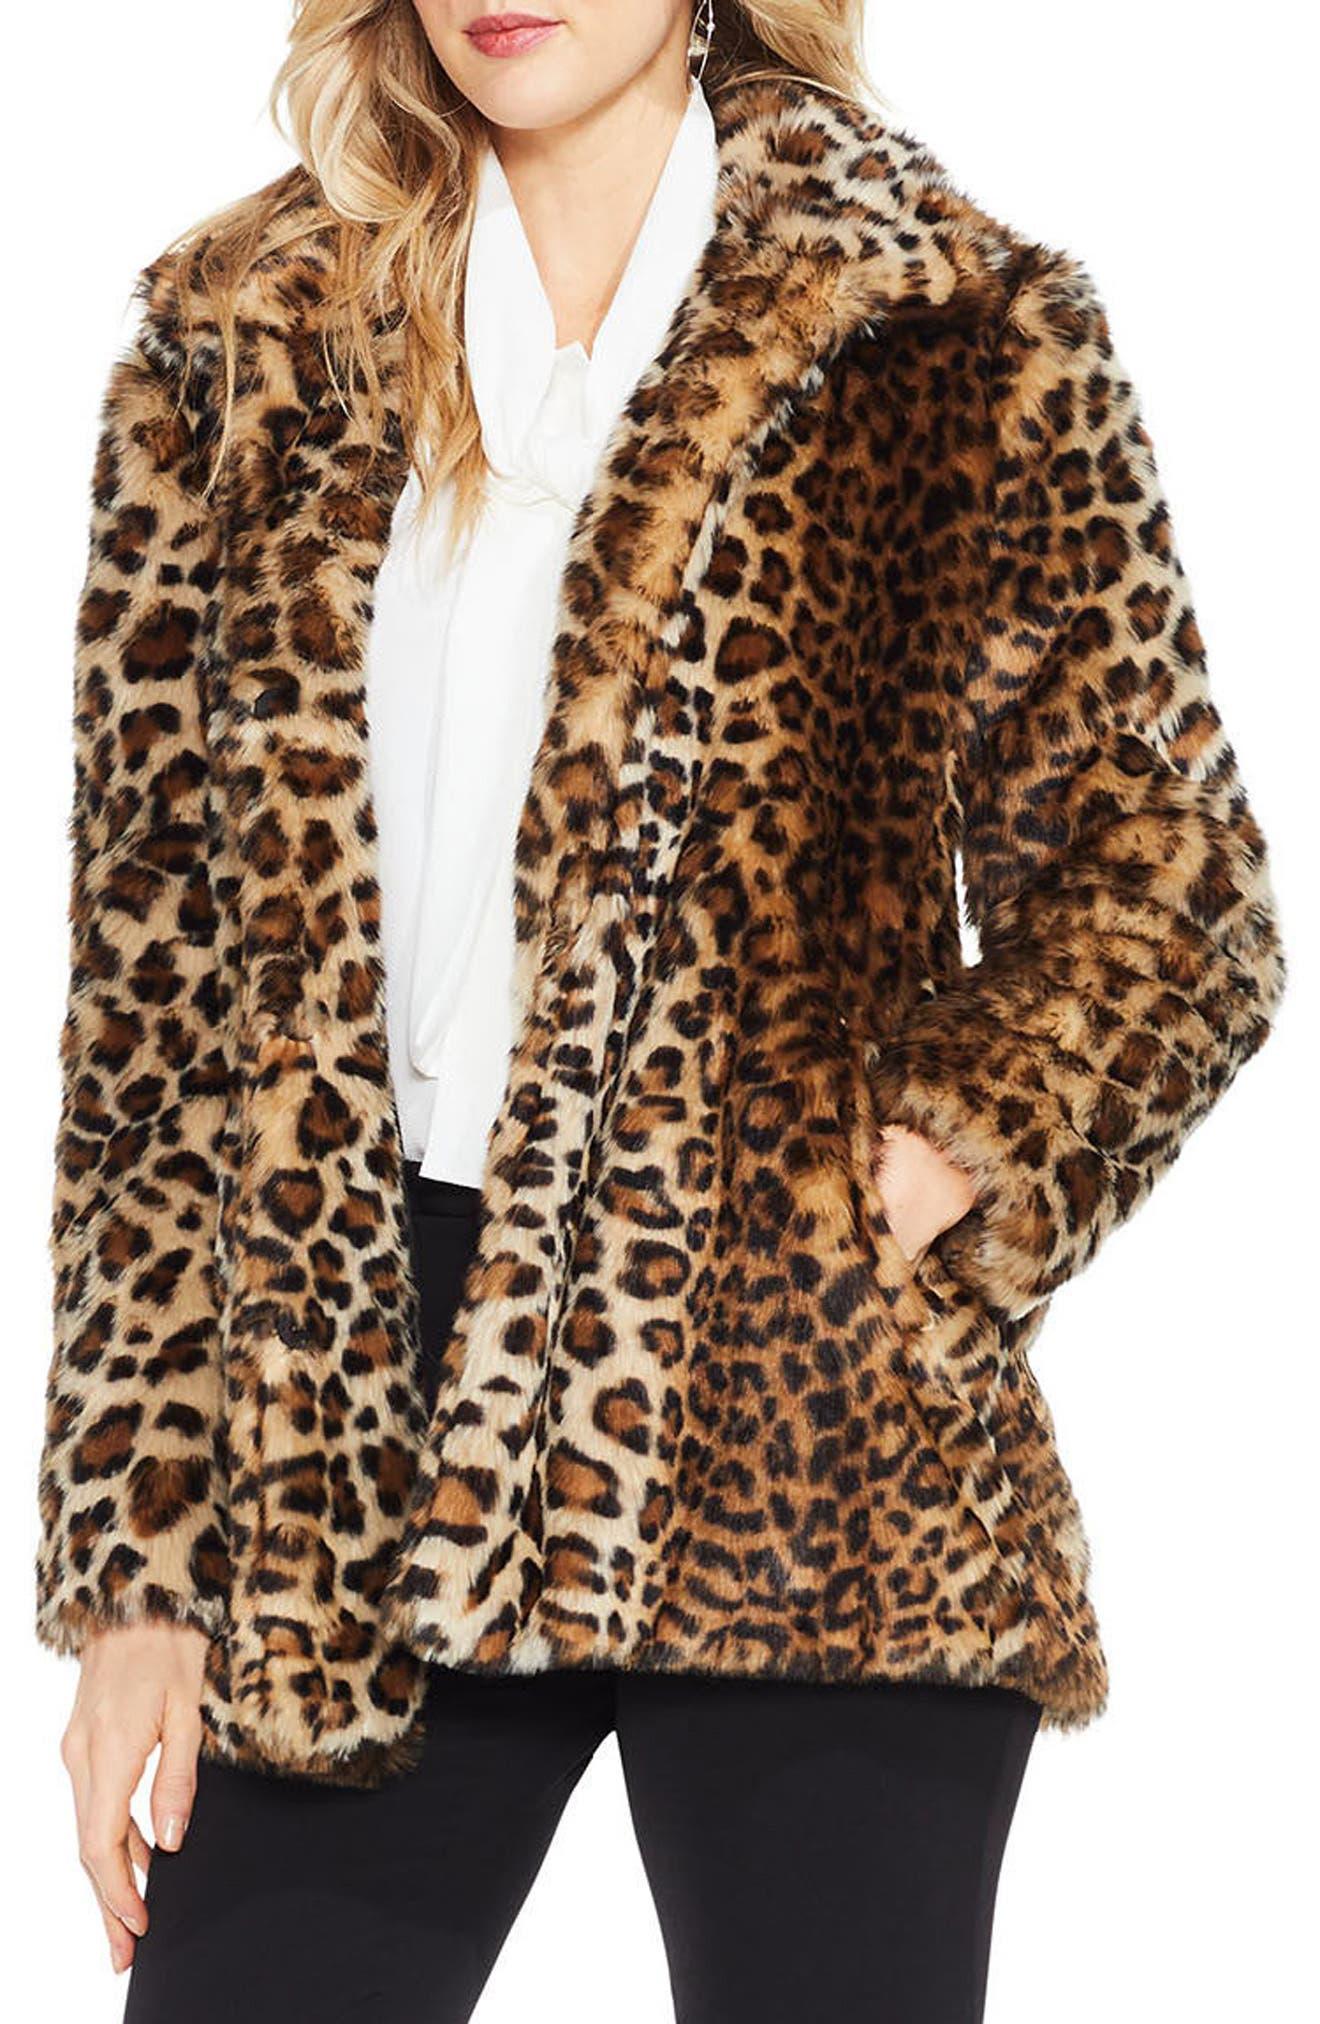 Leopard Print Faux Fur Jacket,                             Main thumbnail 1, color,                             Warm Camel